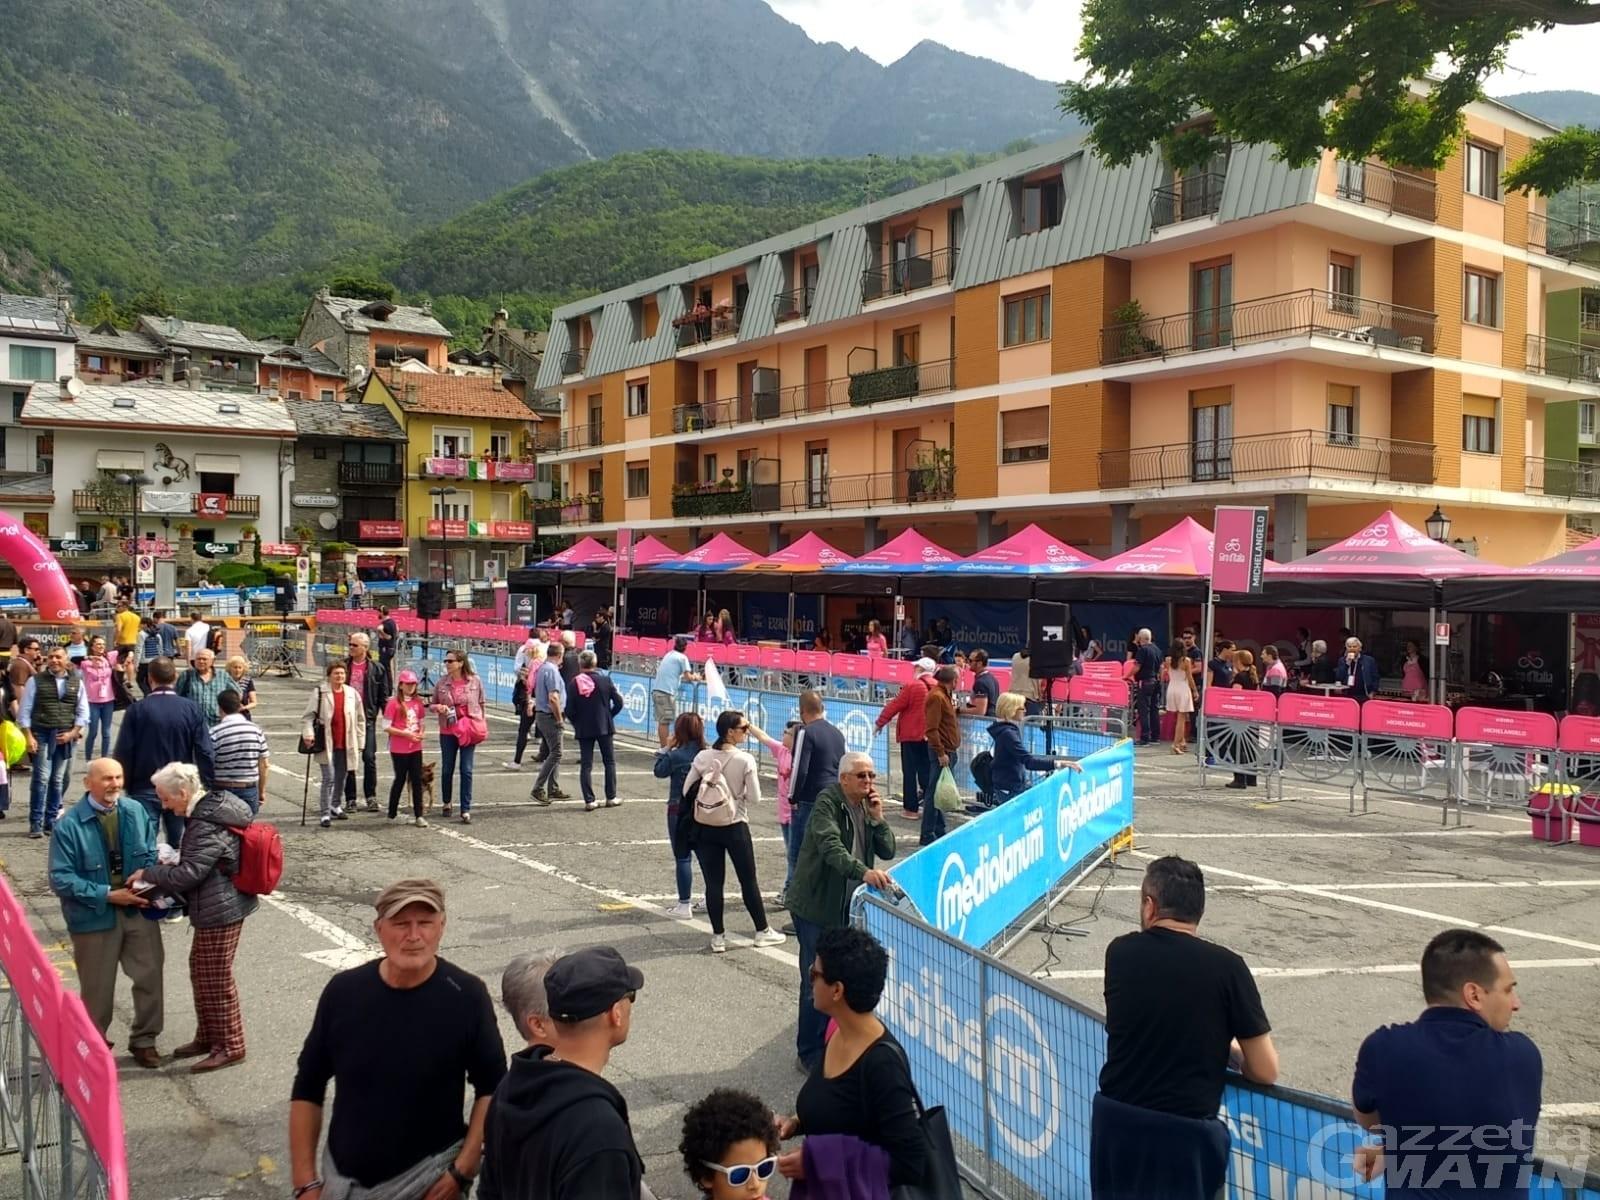 Giro d'Italia: tutto pronto per il tappone alpino